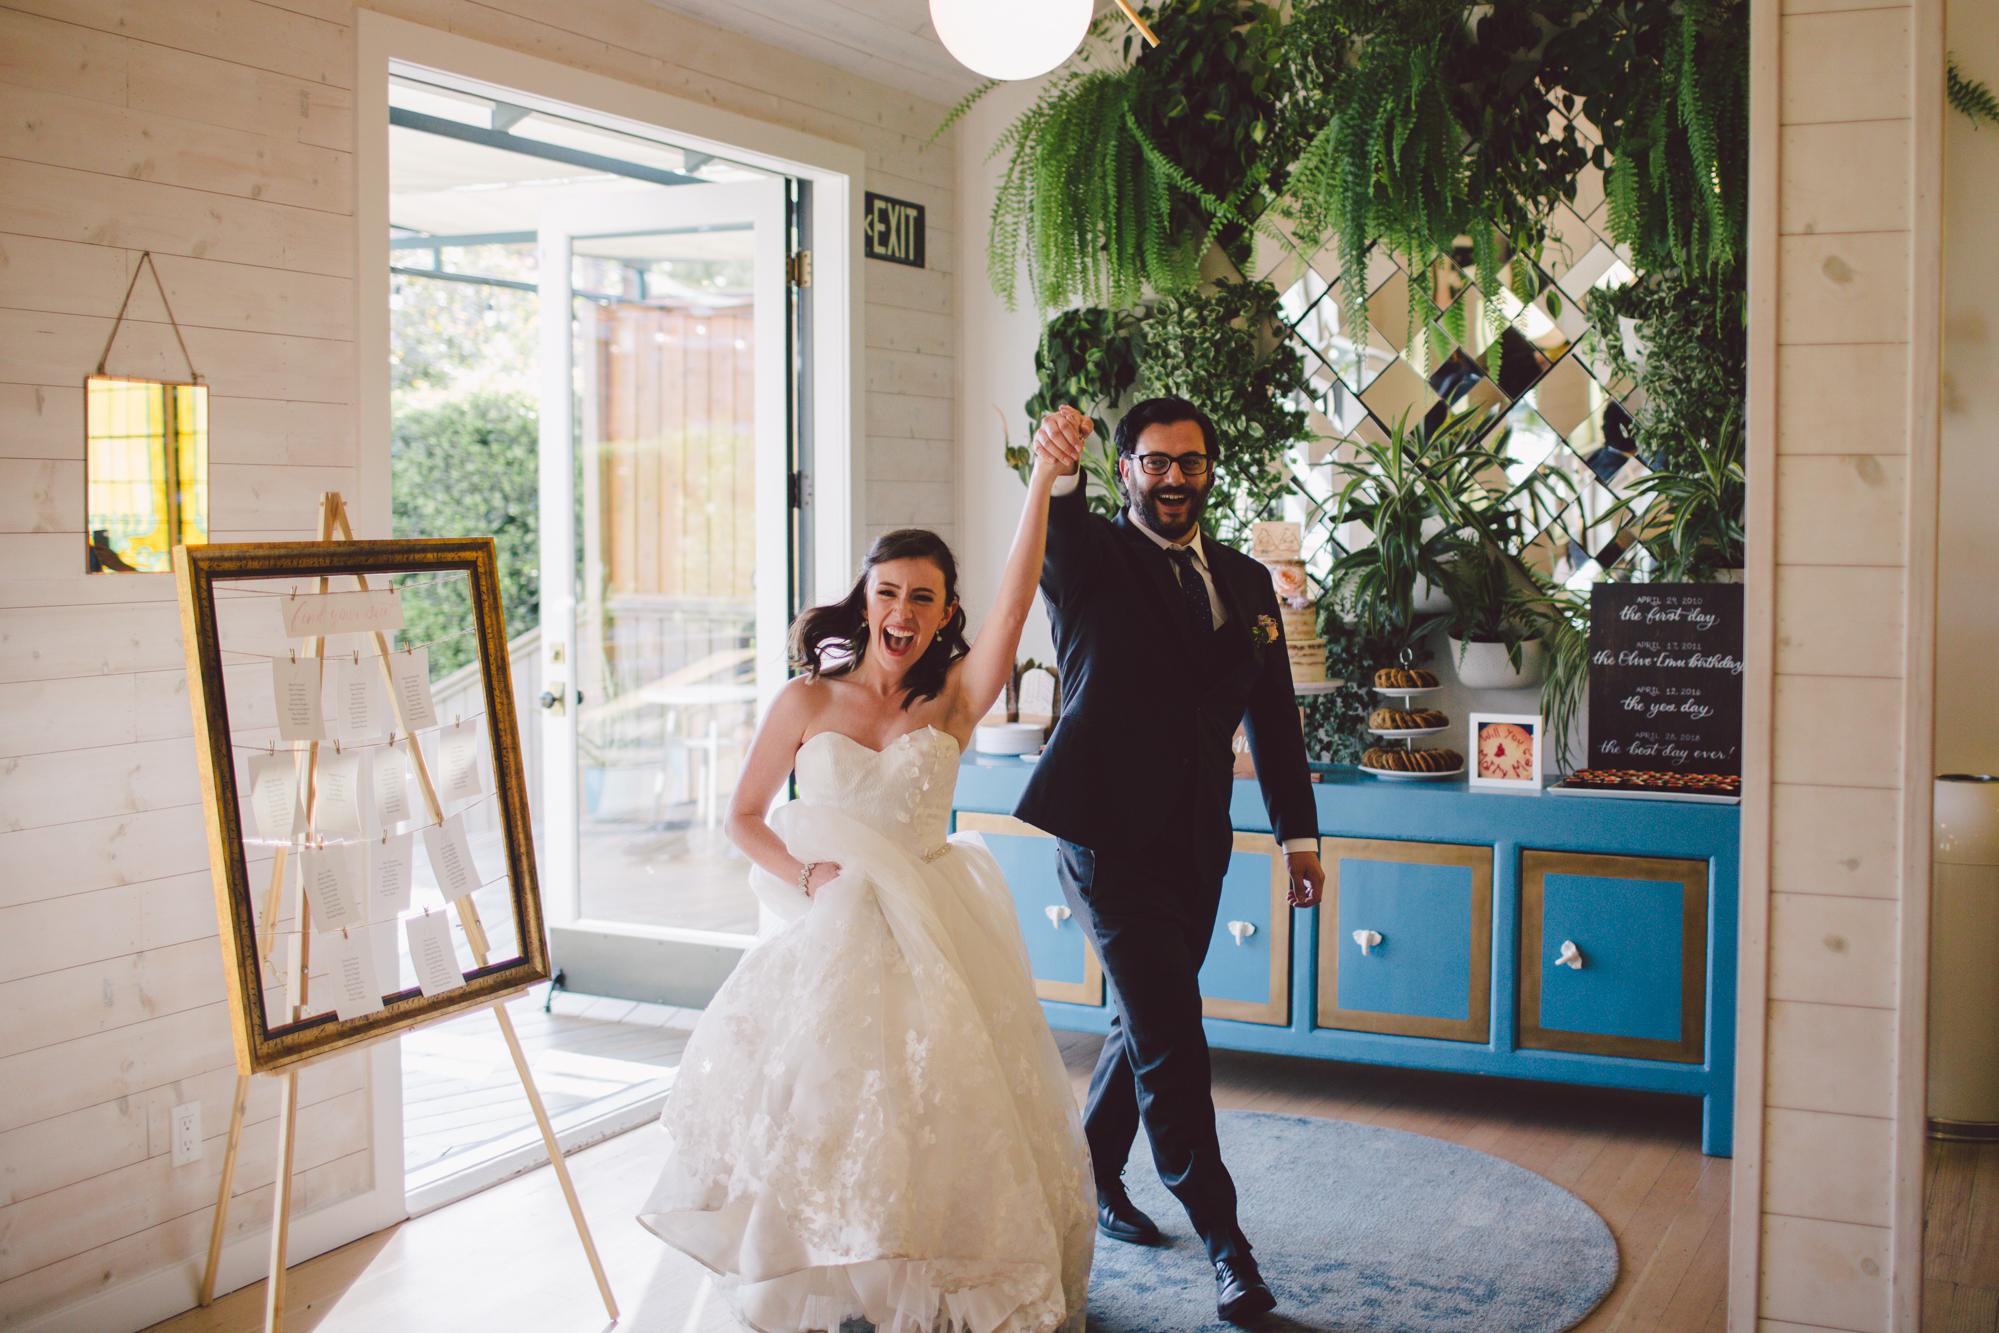 outdoor ceremony-los angeles-cool wedding venue-ruby street